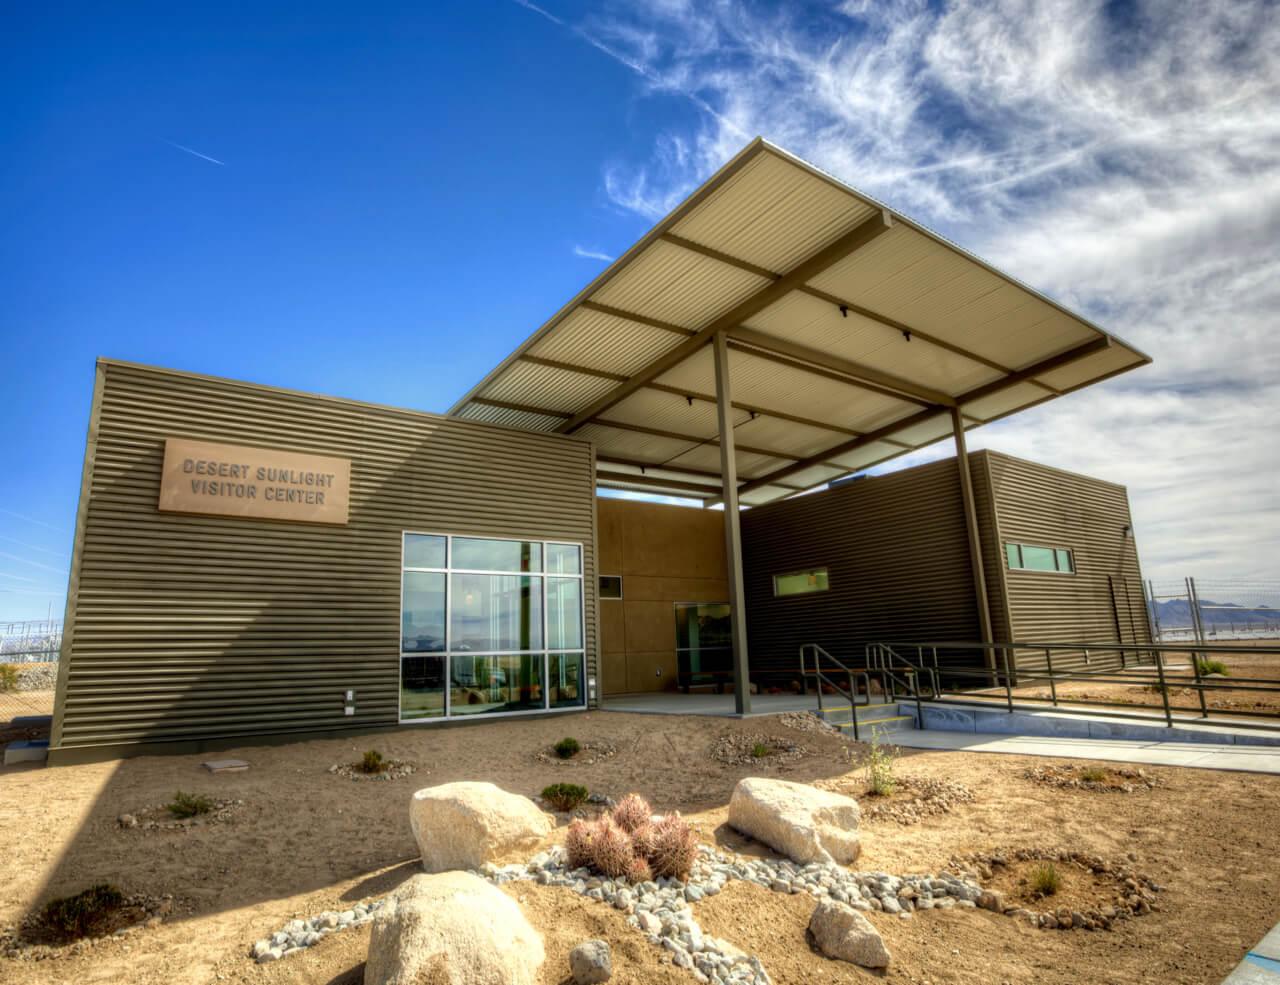 0-Desert-Sunlight-Visitor-Center-Pfau Long Architecture-The Sibbett Group-Drew Metzger.jpg